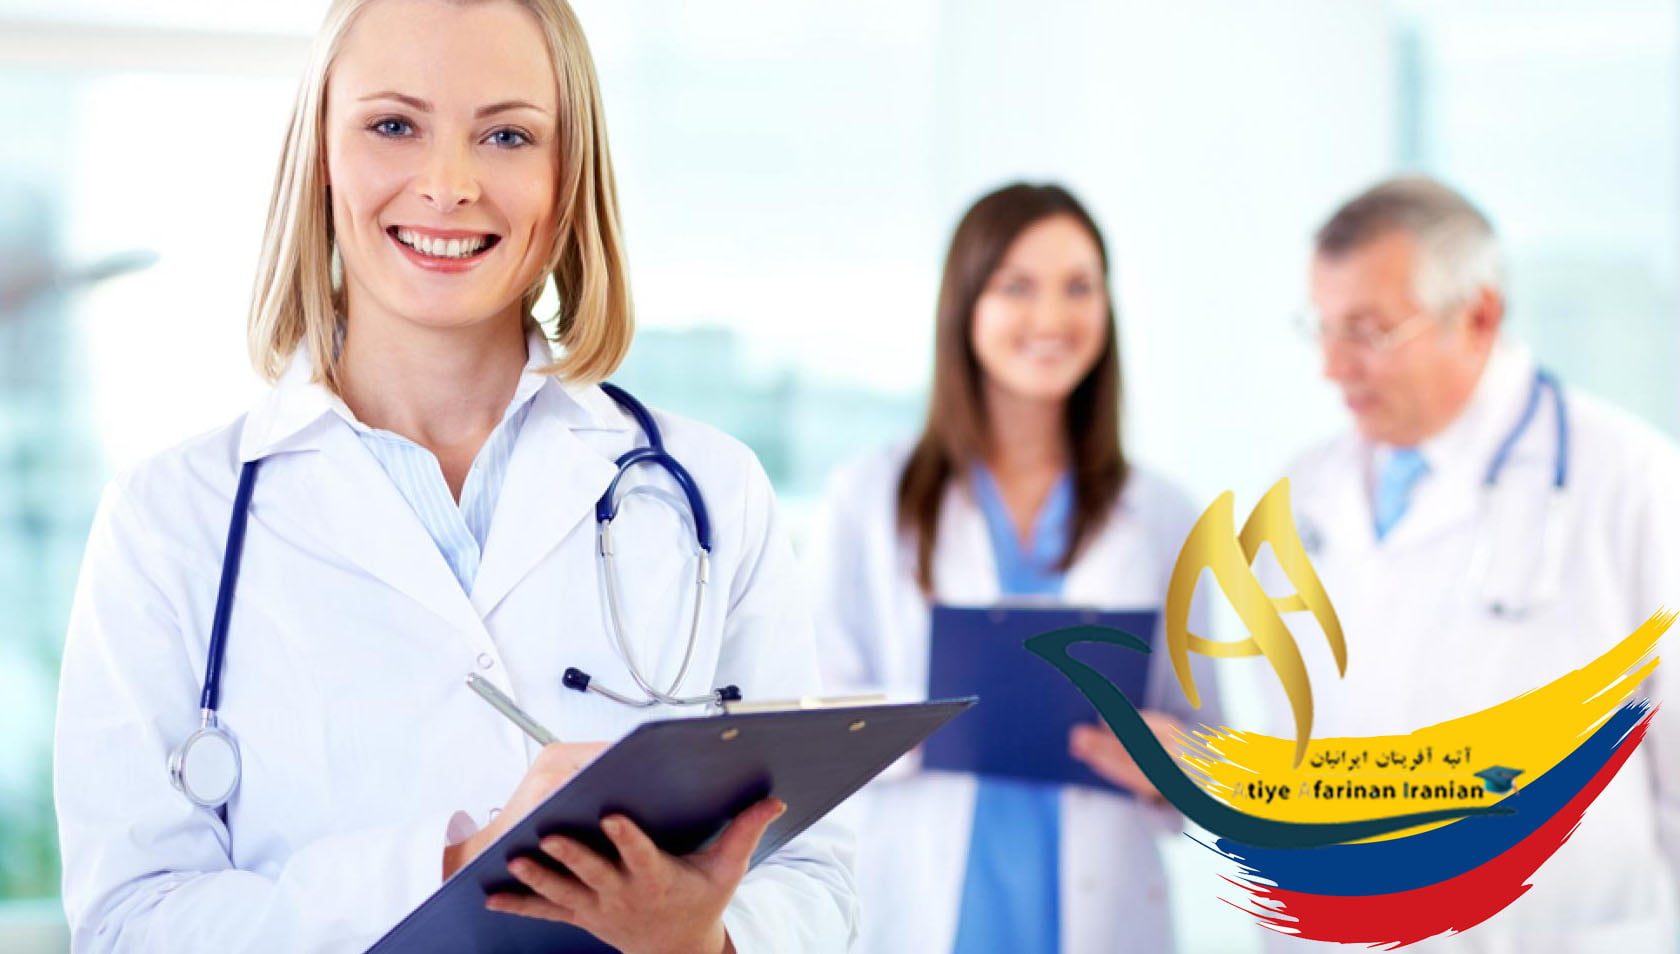 تحصیل پزشکی کلمبیا